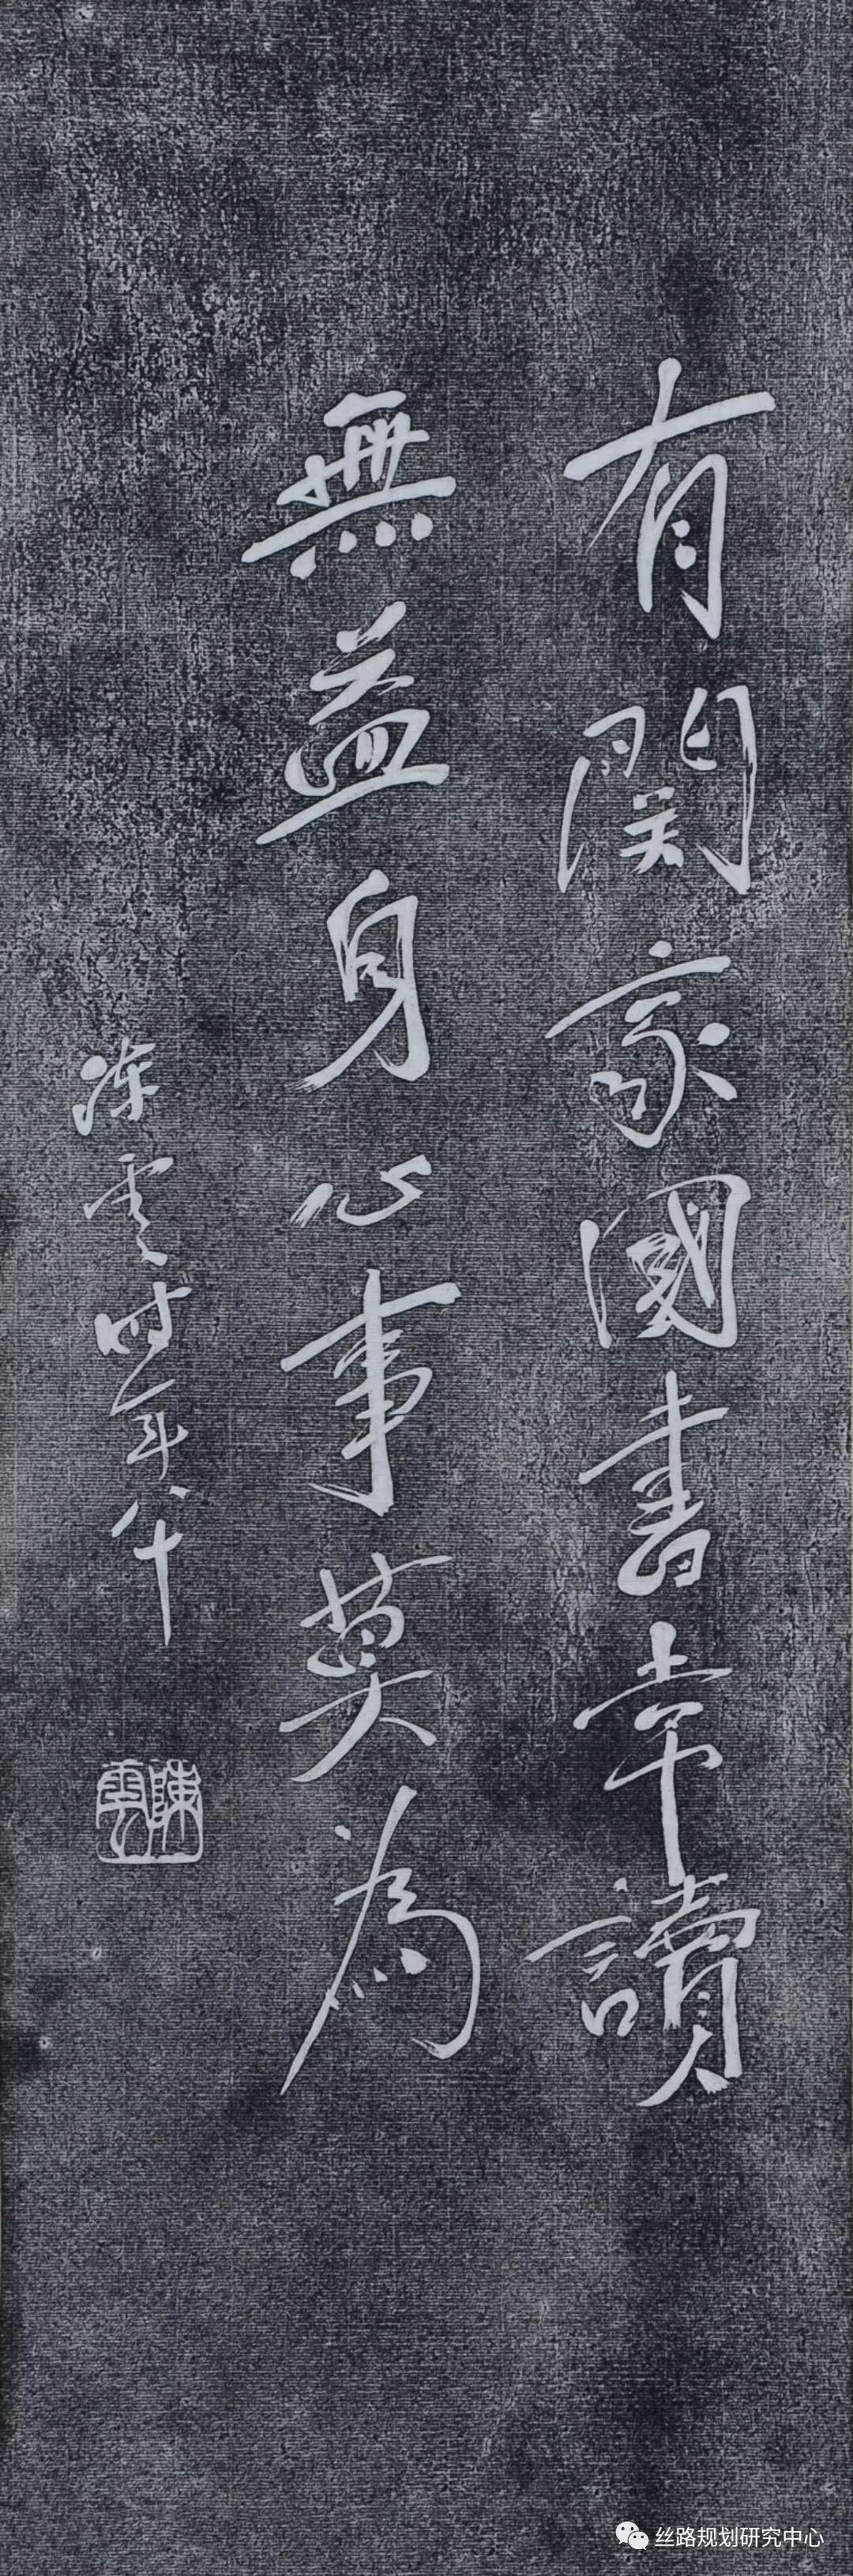 纪念陈云诞辰113周年:他过生日简单中承载伟大,平常中满溢真情